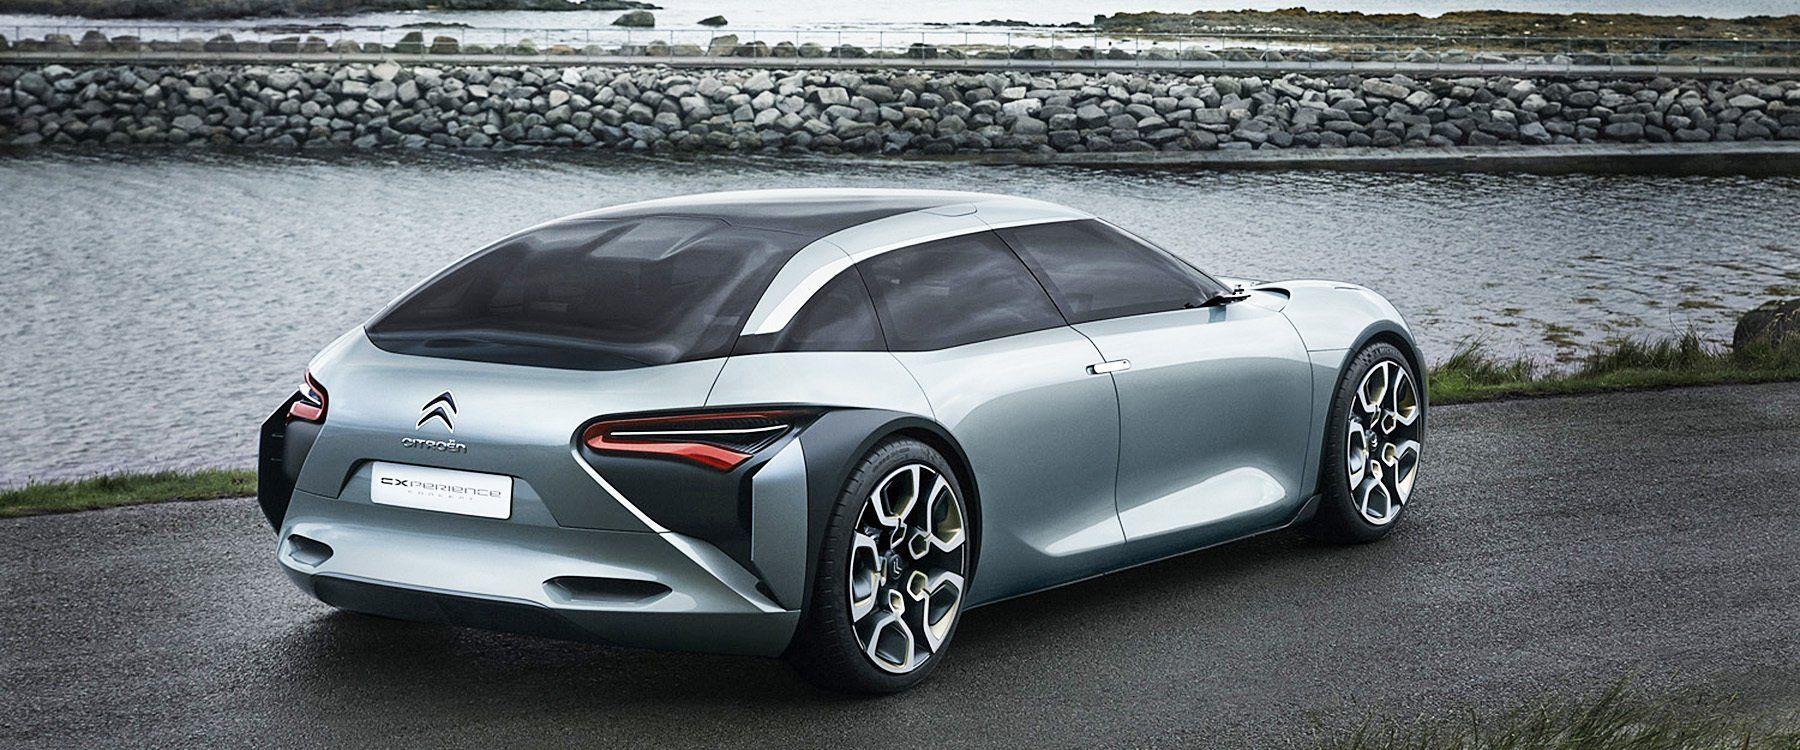 Designboom On Twitter Citroen Concept Citroen Citroen Car